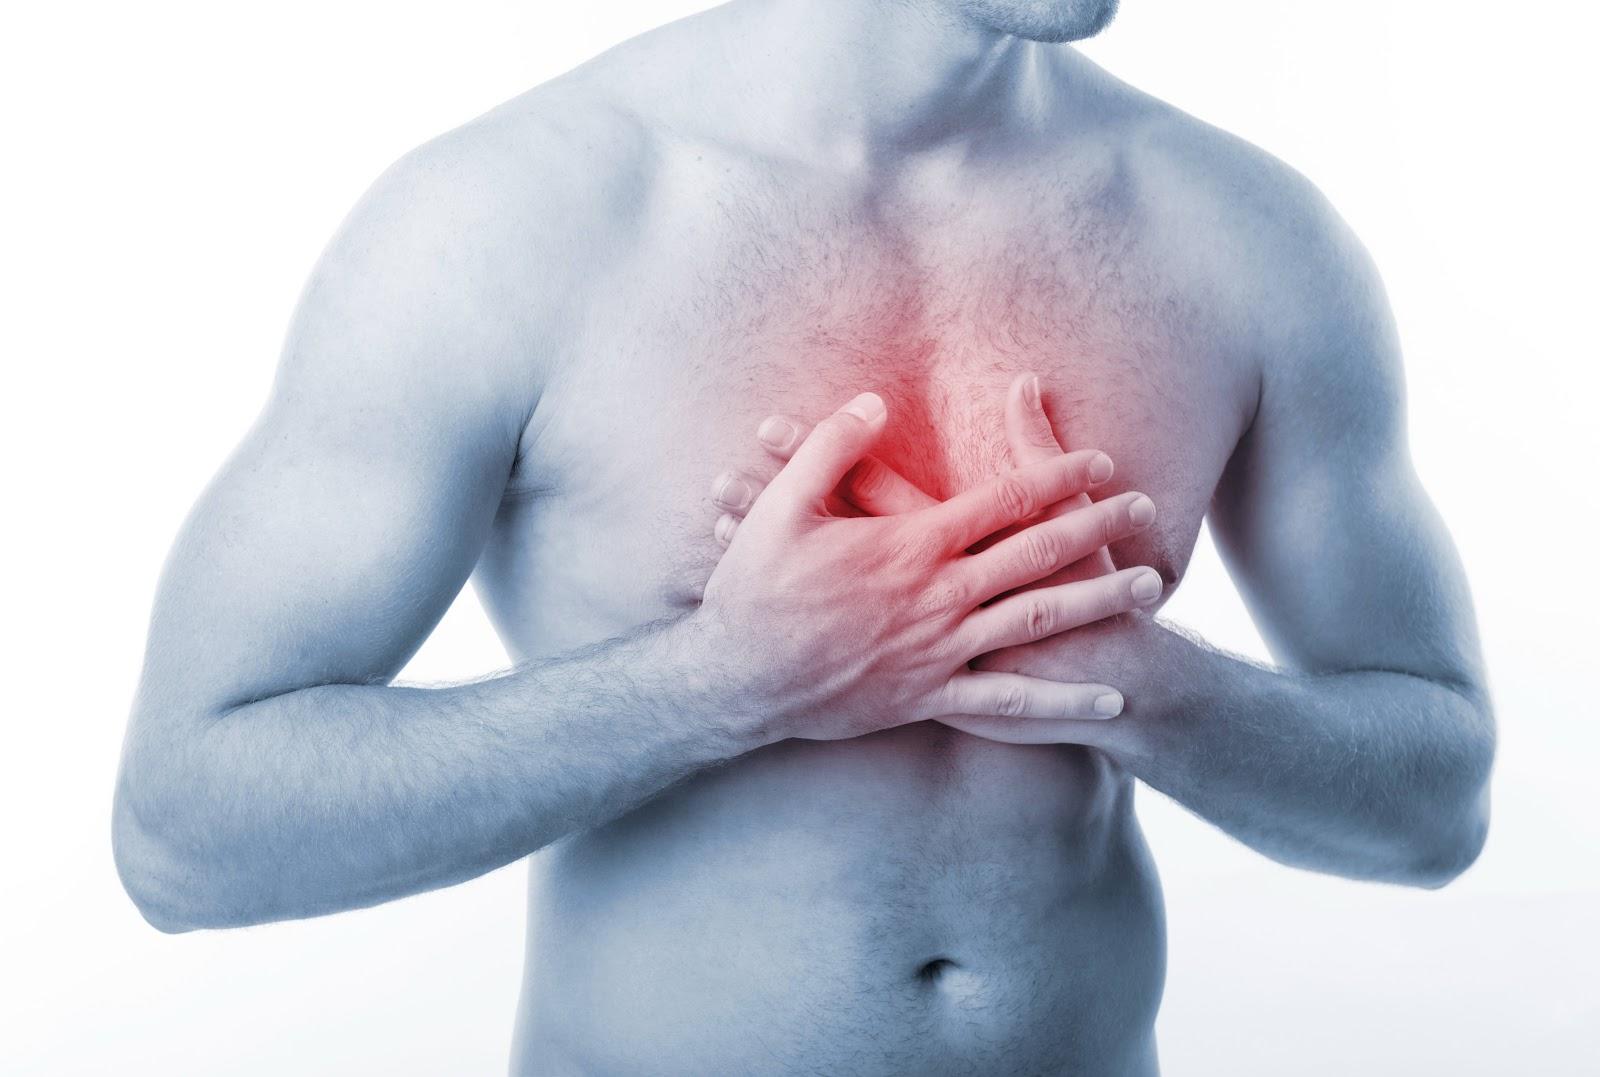 Причины и симптомы сердечного приступа, первая помощь